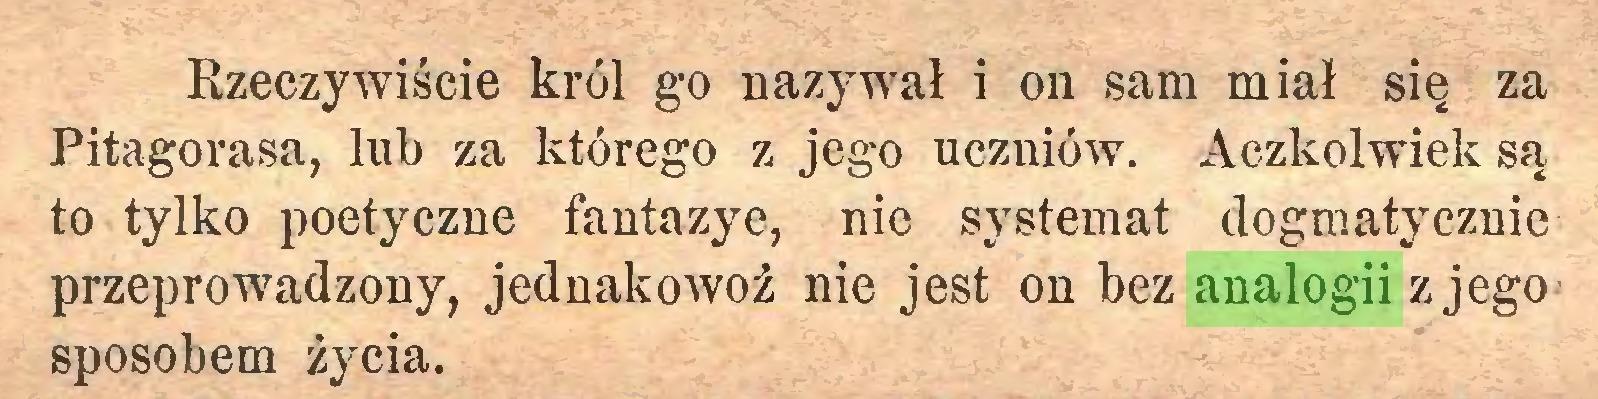 (...) Rzeczywiście król go nazywał i on sam miał się za Pitagorasa, lub za którego z jego uczniów. Aczkolwiek są to tylko poetyczne fantazye, nie systemat dogmatycznie przeprowadzony, jednakowoż nie jest on bez analogii z jego sposobem życia...